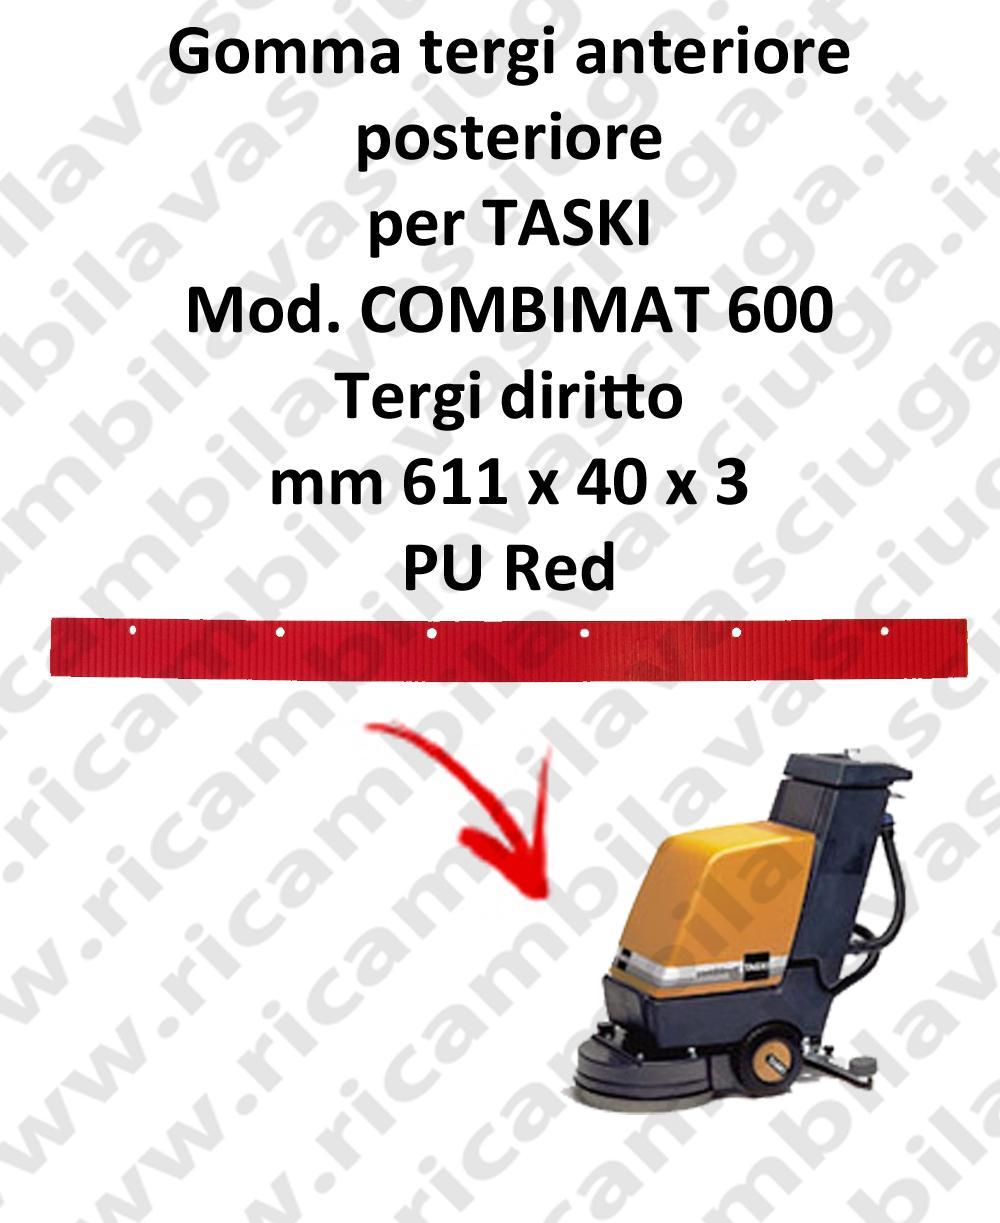 Gomma tergi anteriore e posteriore per lavapavimenti TASKI modello COMBIMAT 600 tergi diritto